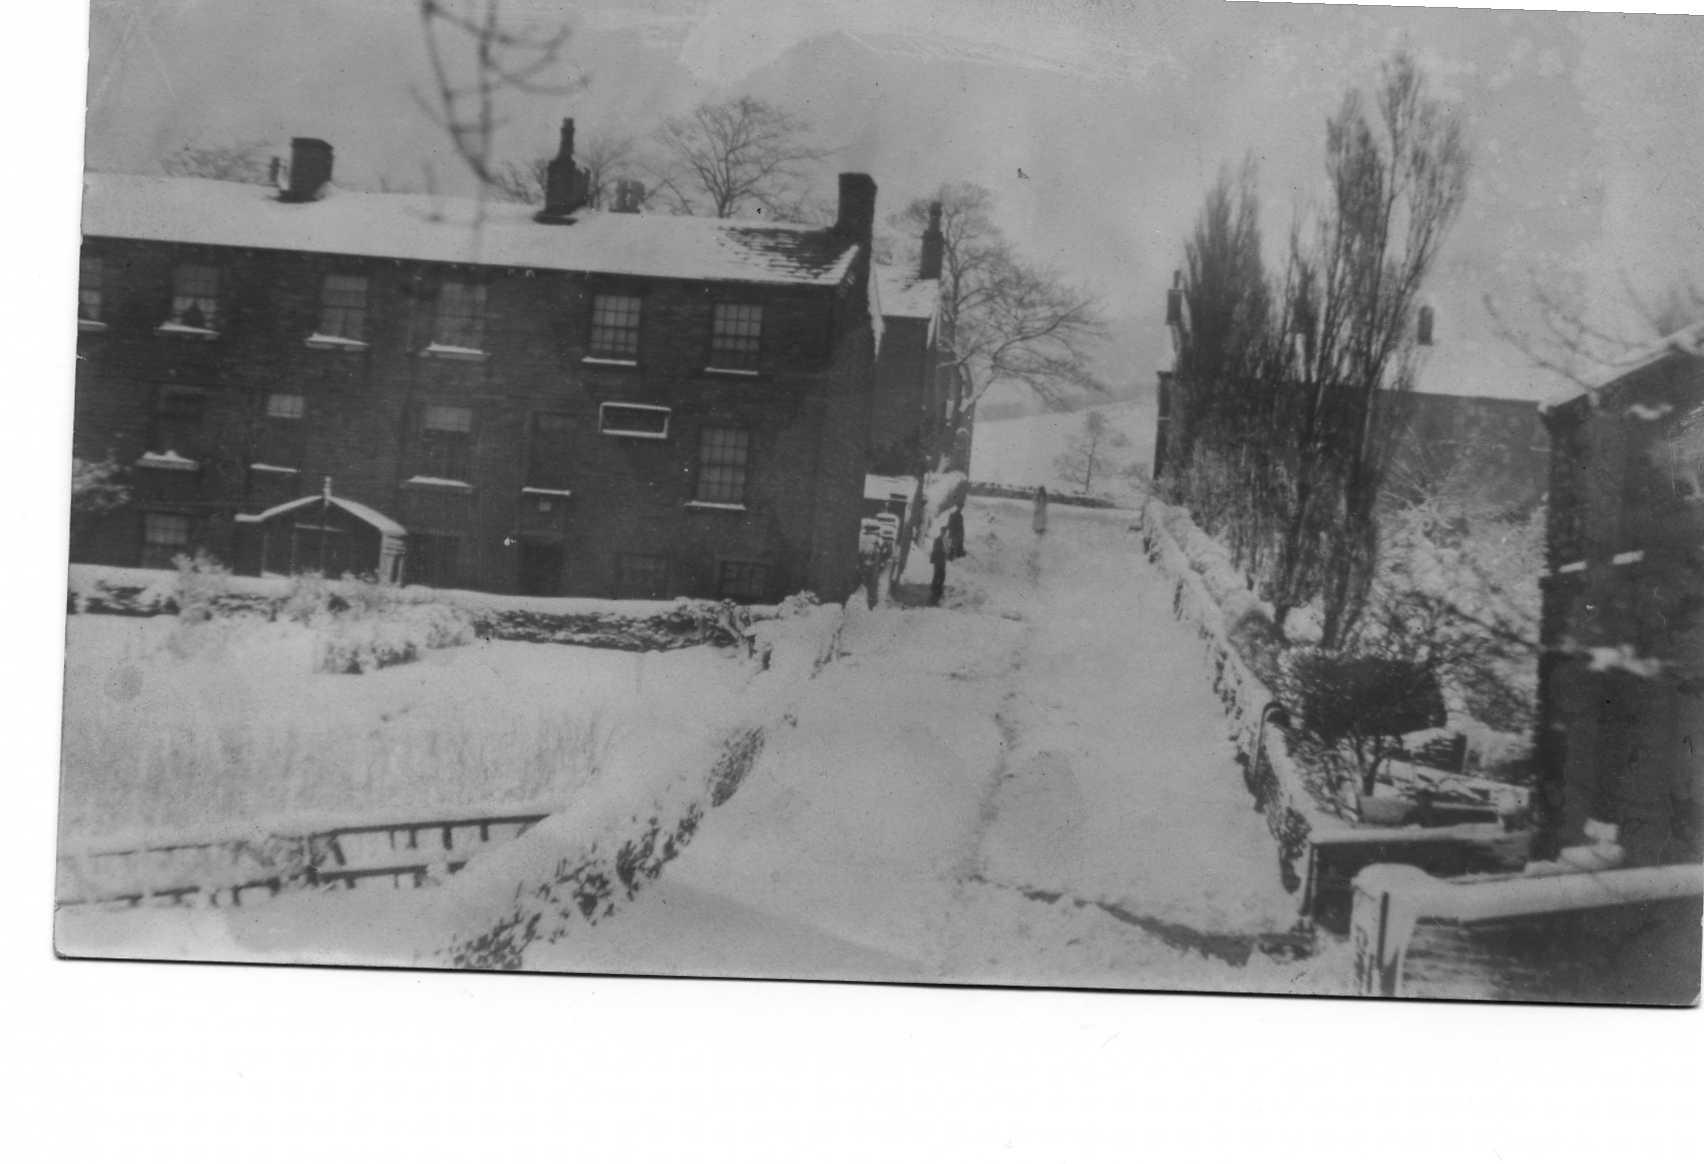 ohouseshill187